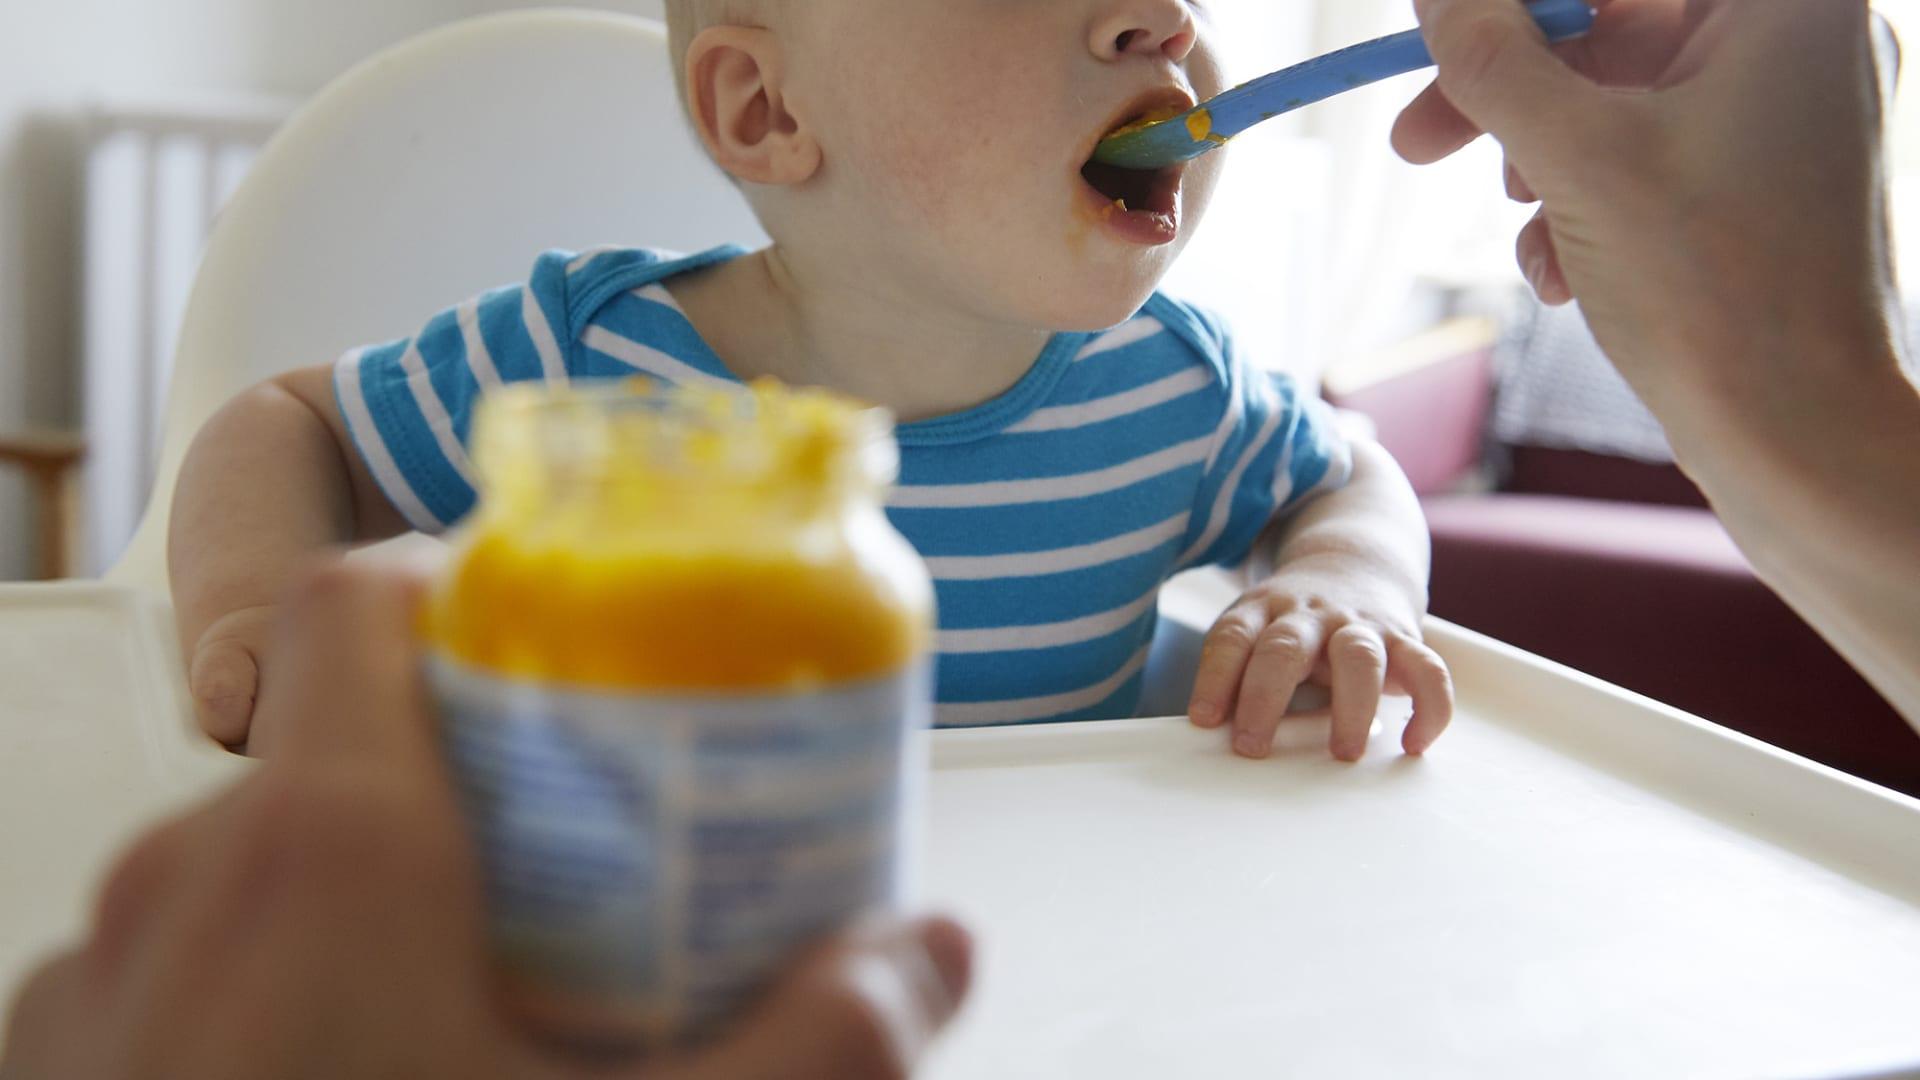 أخصائية تغذية: الآباء يمكنهم تشكيل نظام صحي لأطفالهم عبر ما يقولونه أمامهم